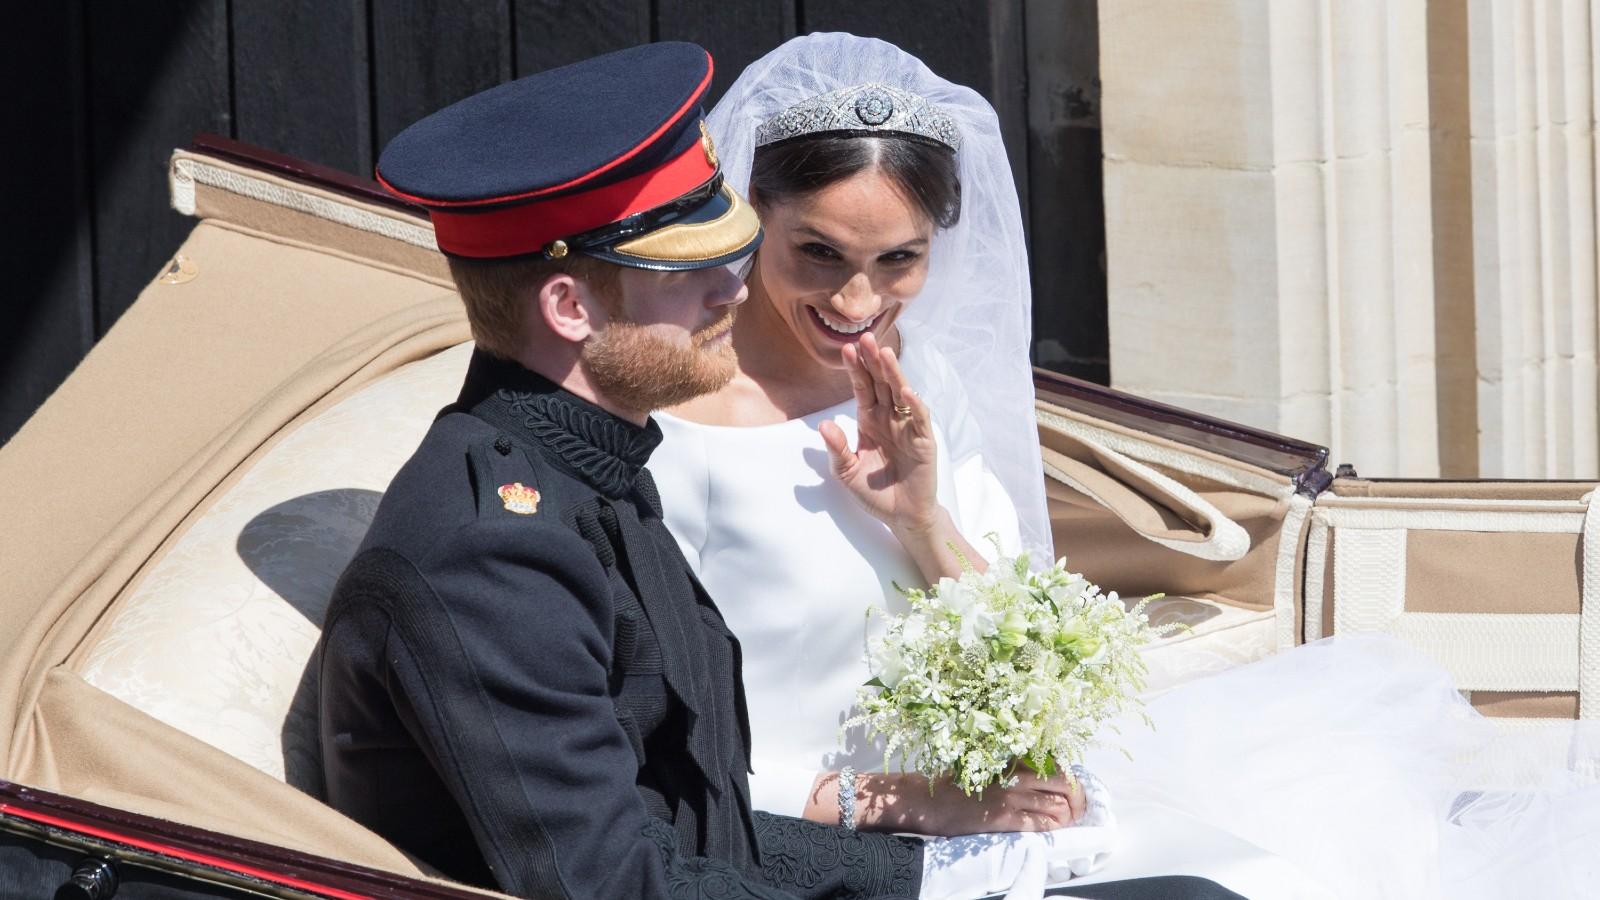 Le mariage du Prince Harry et de Meghan Markle